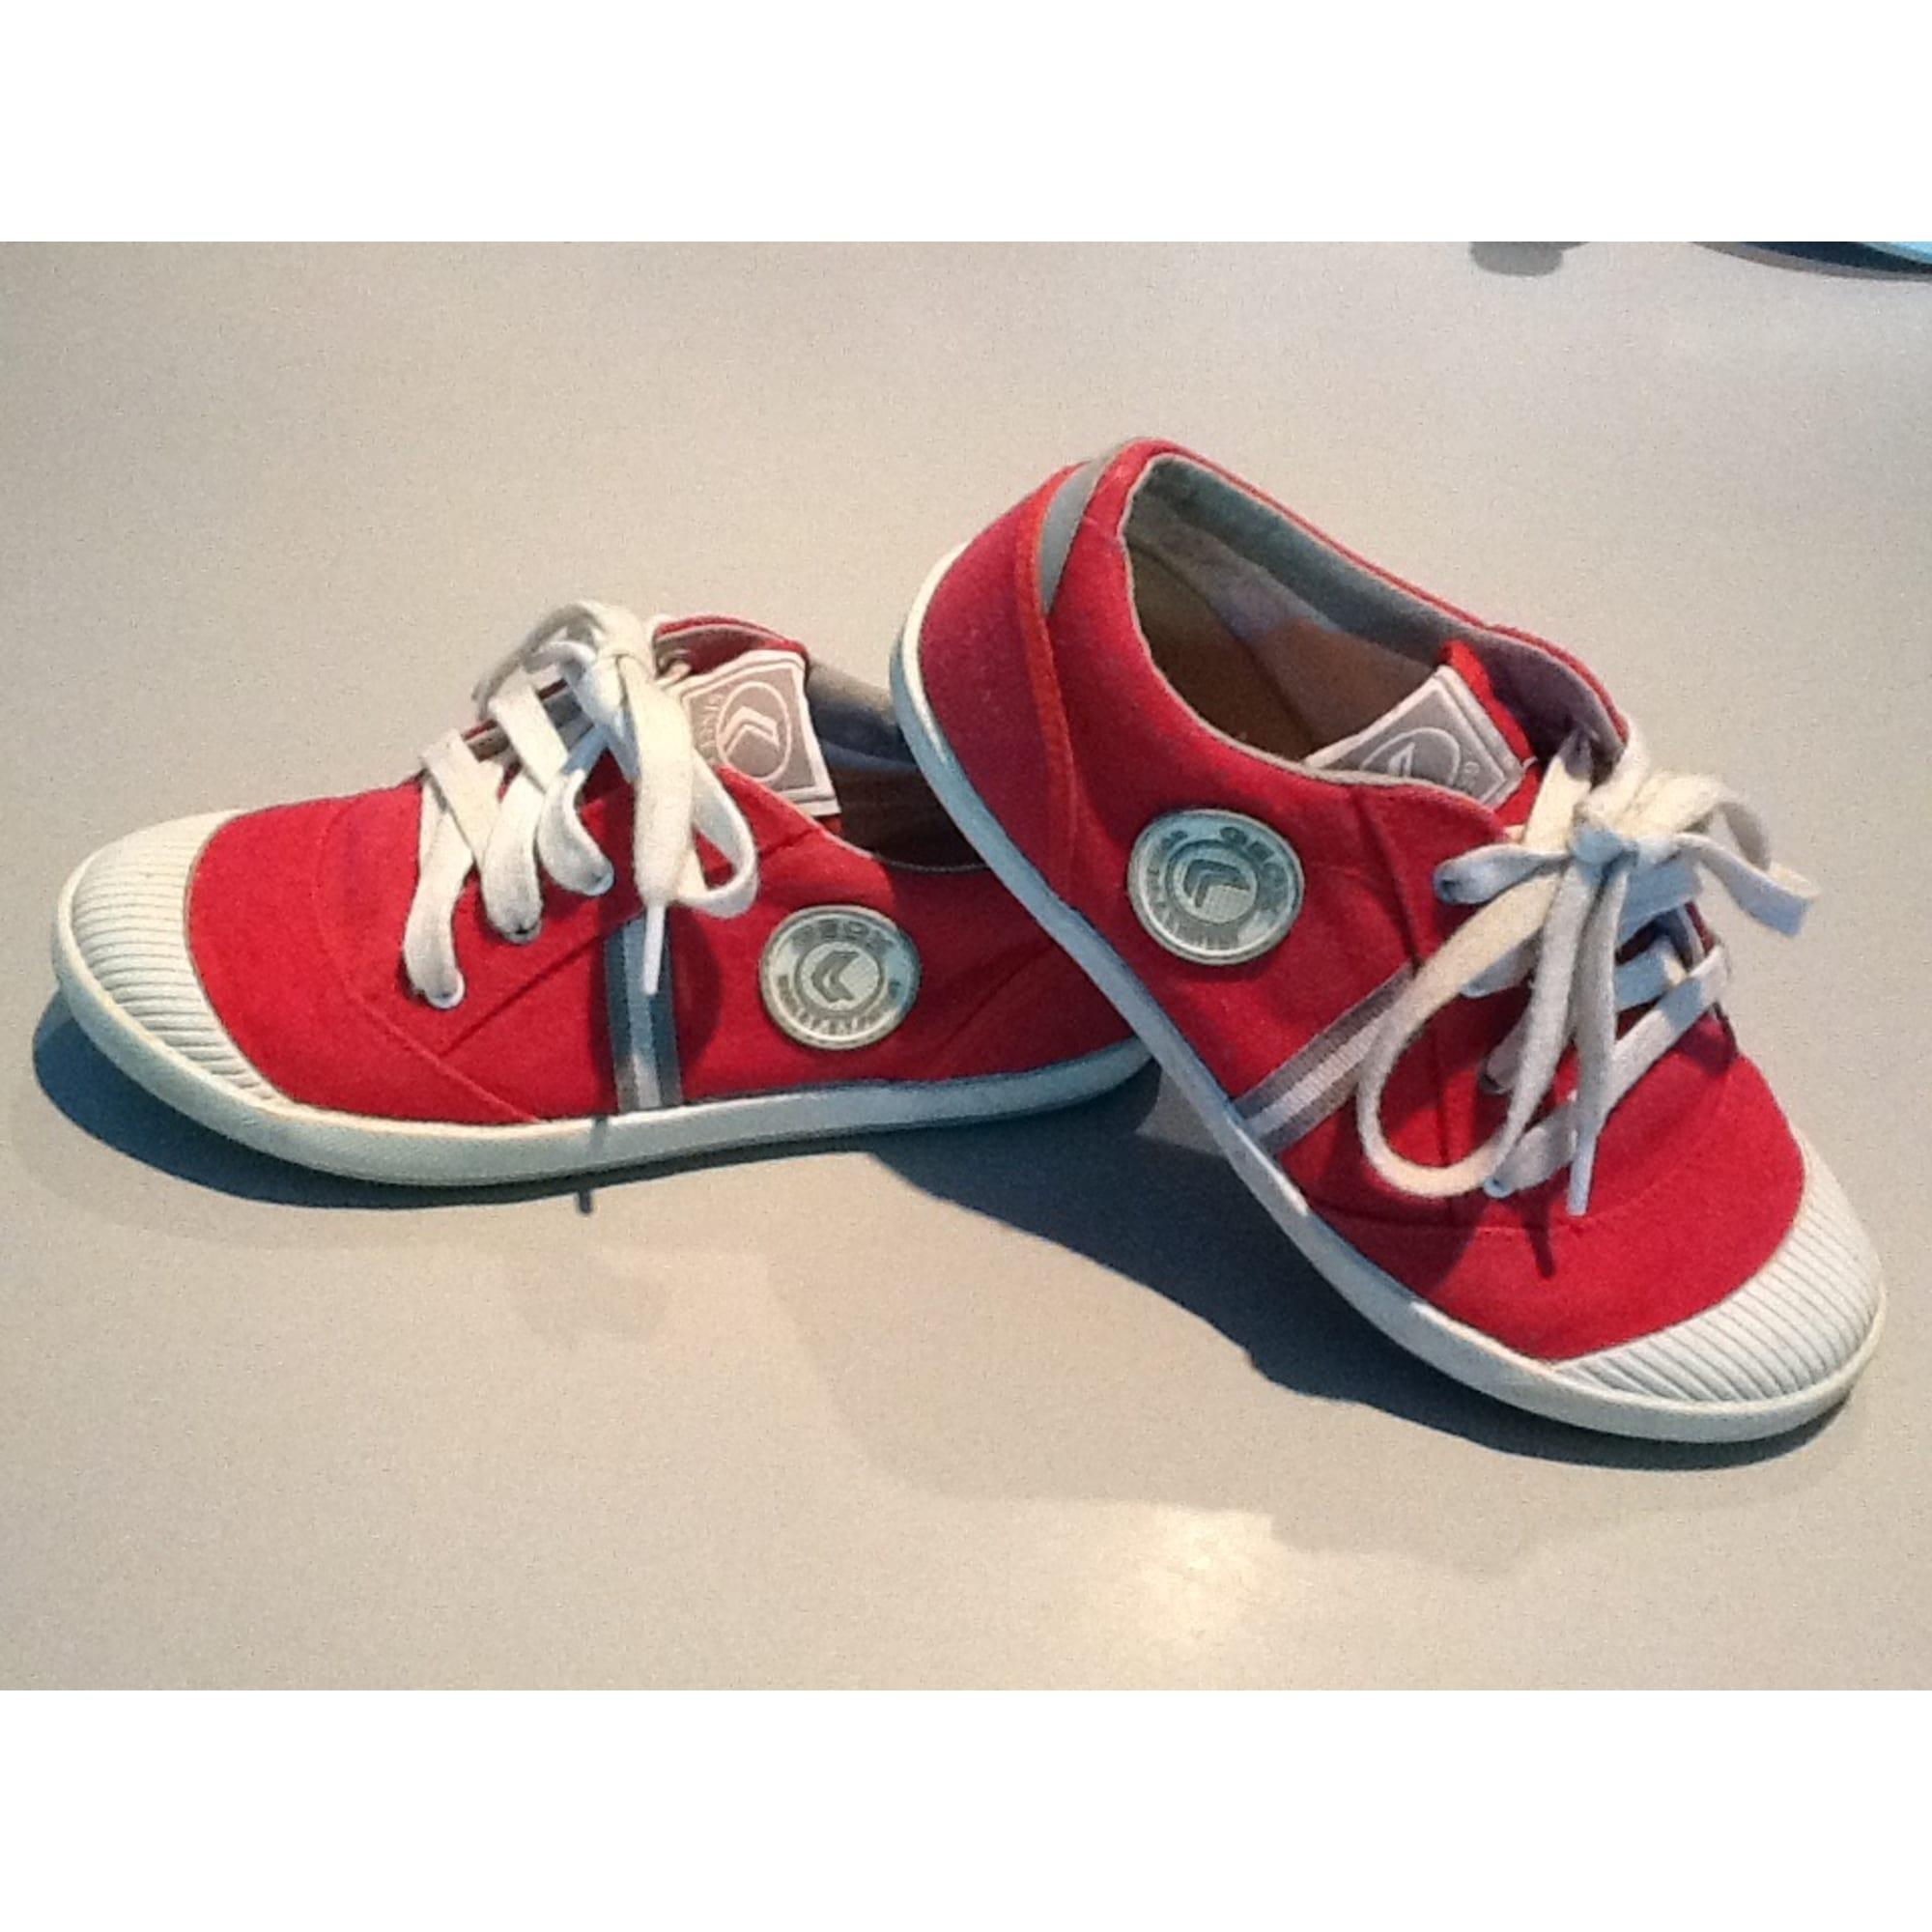 Chaussures à lacets GEOX Rouge, bordeaux